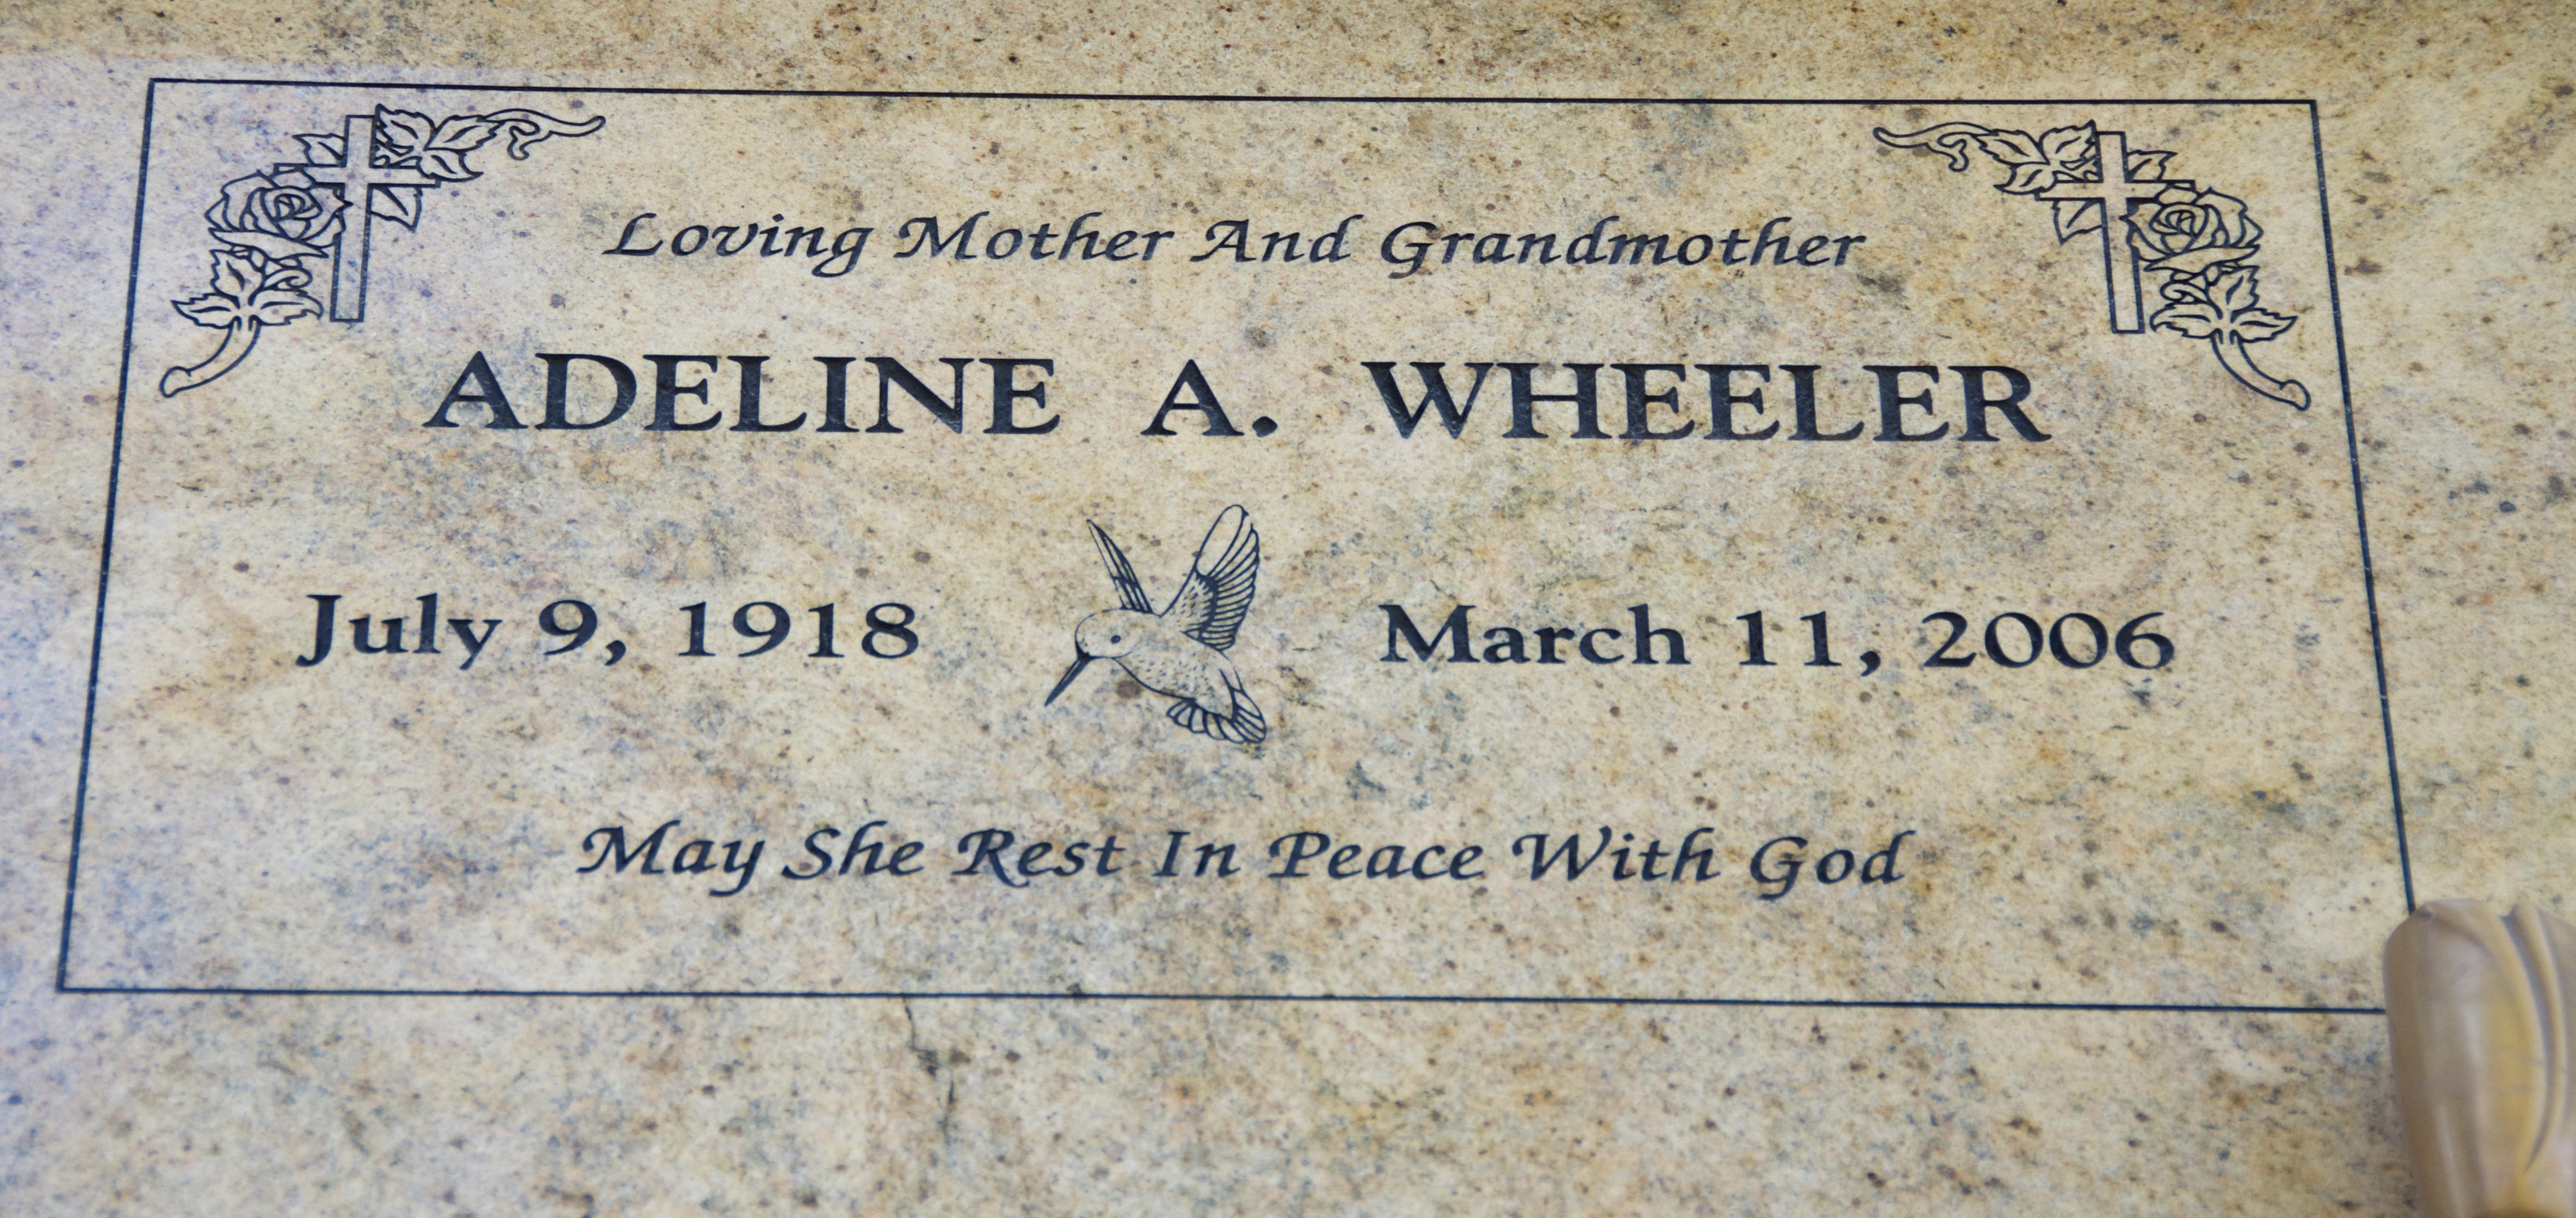 Adeline A. Wheeler